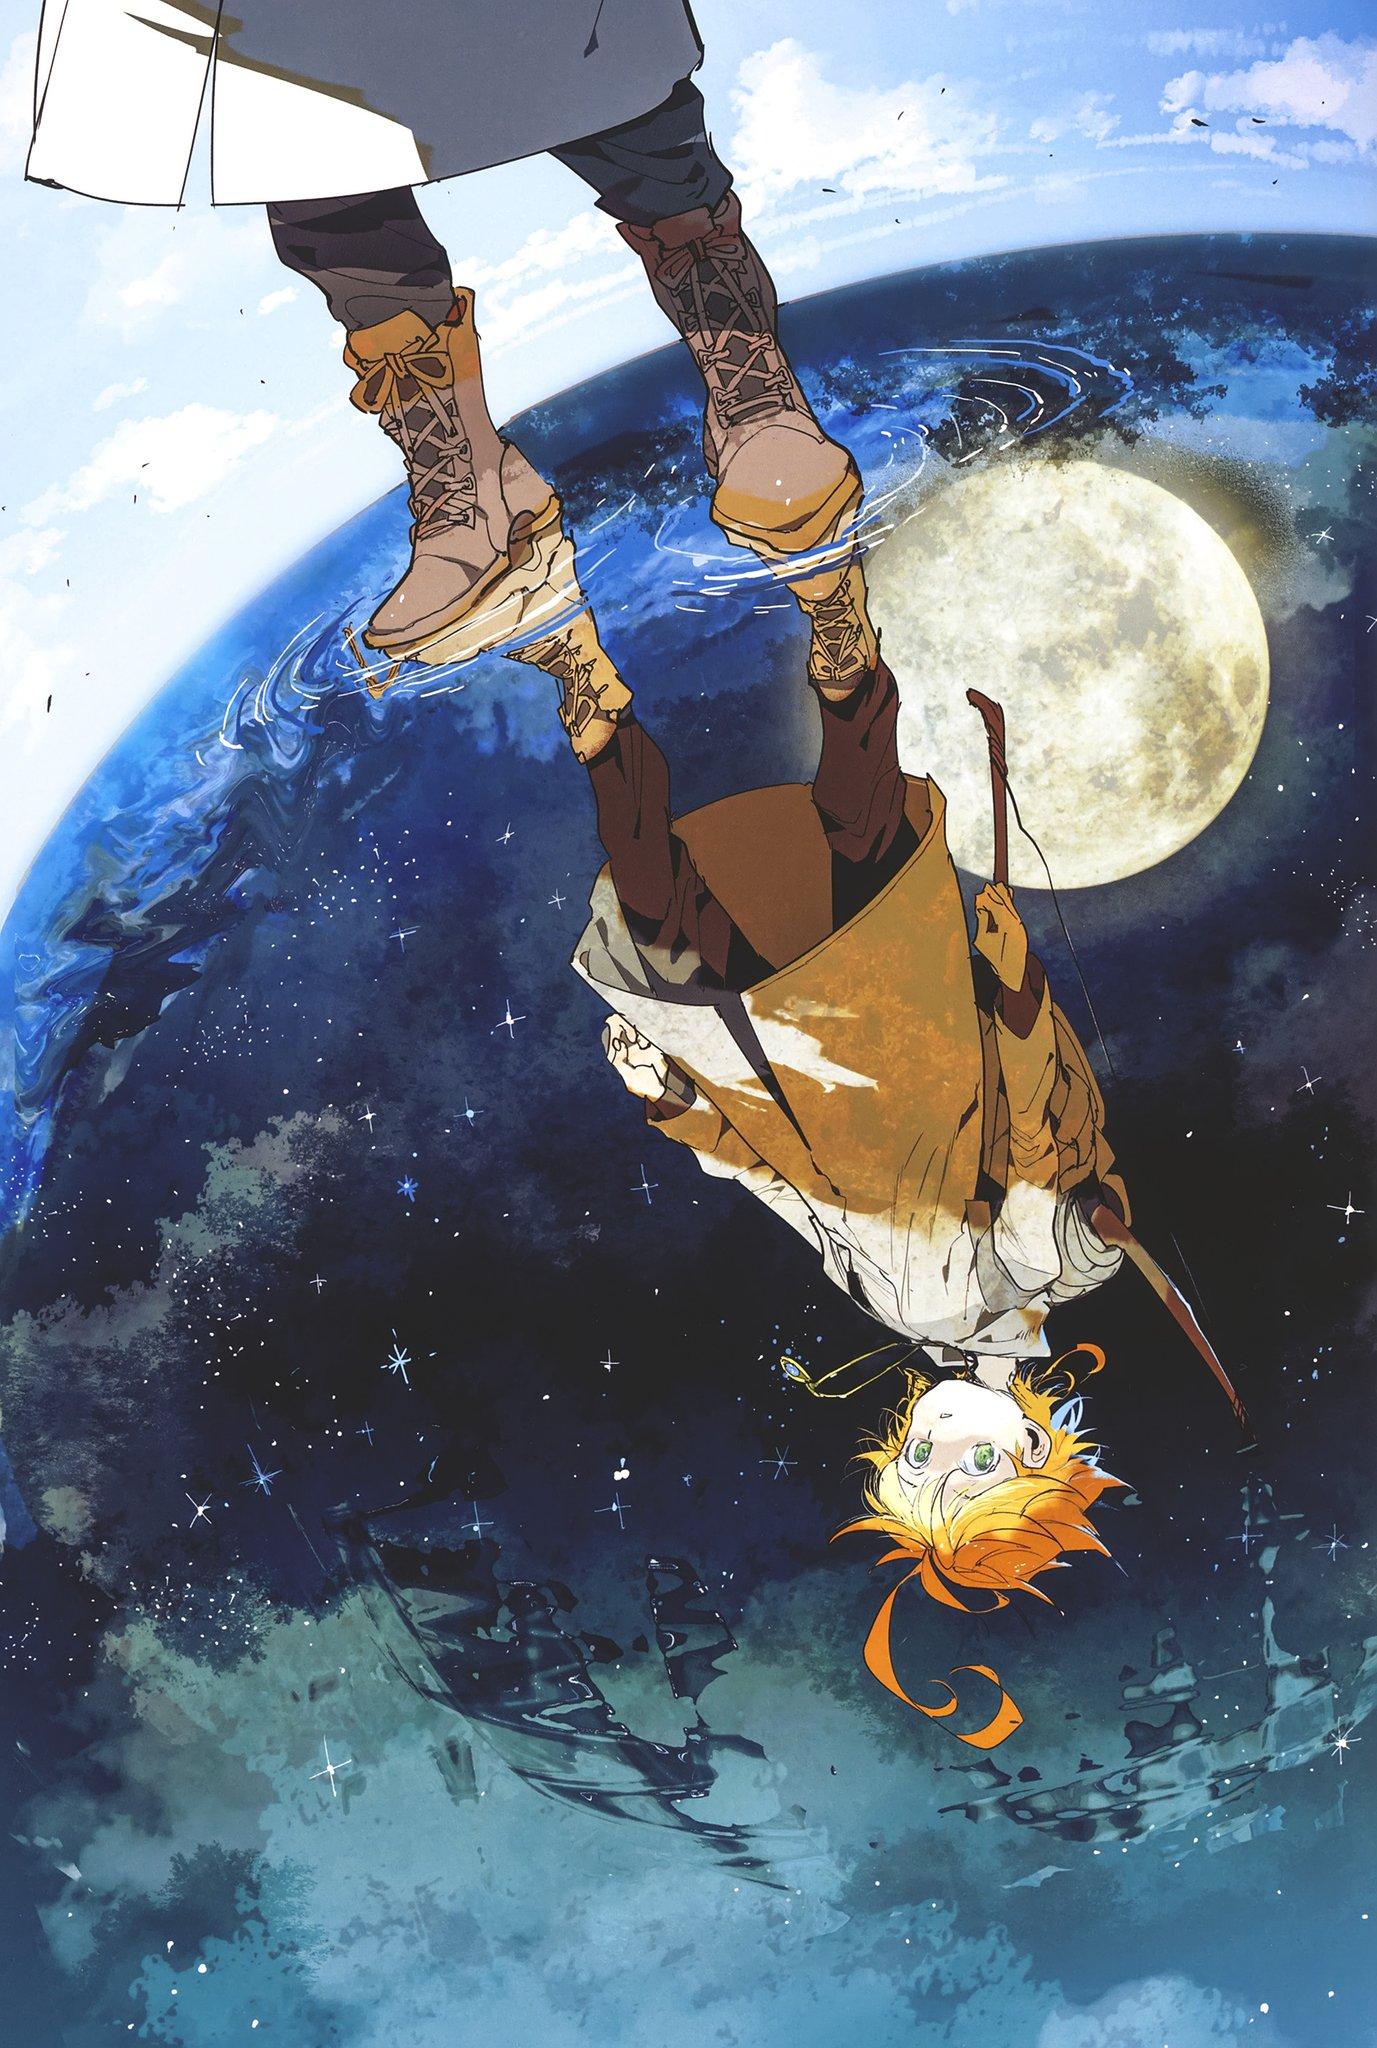 Emma (Yakusoku no Neverland) Image #3137000 - Zerochan Anime Image Board